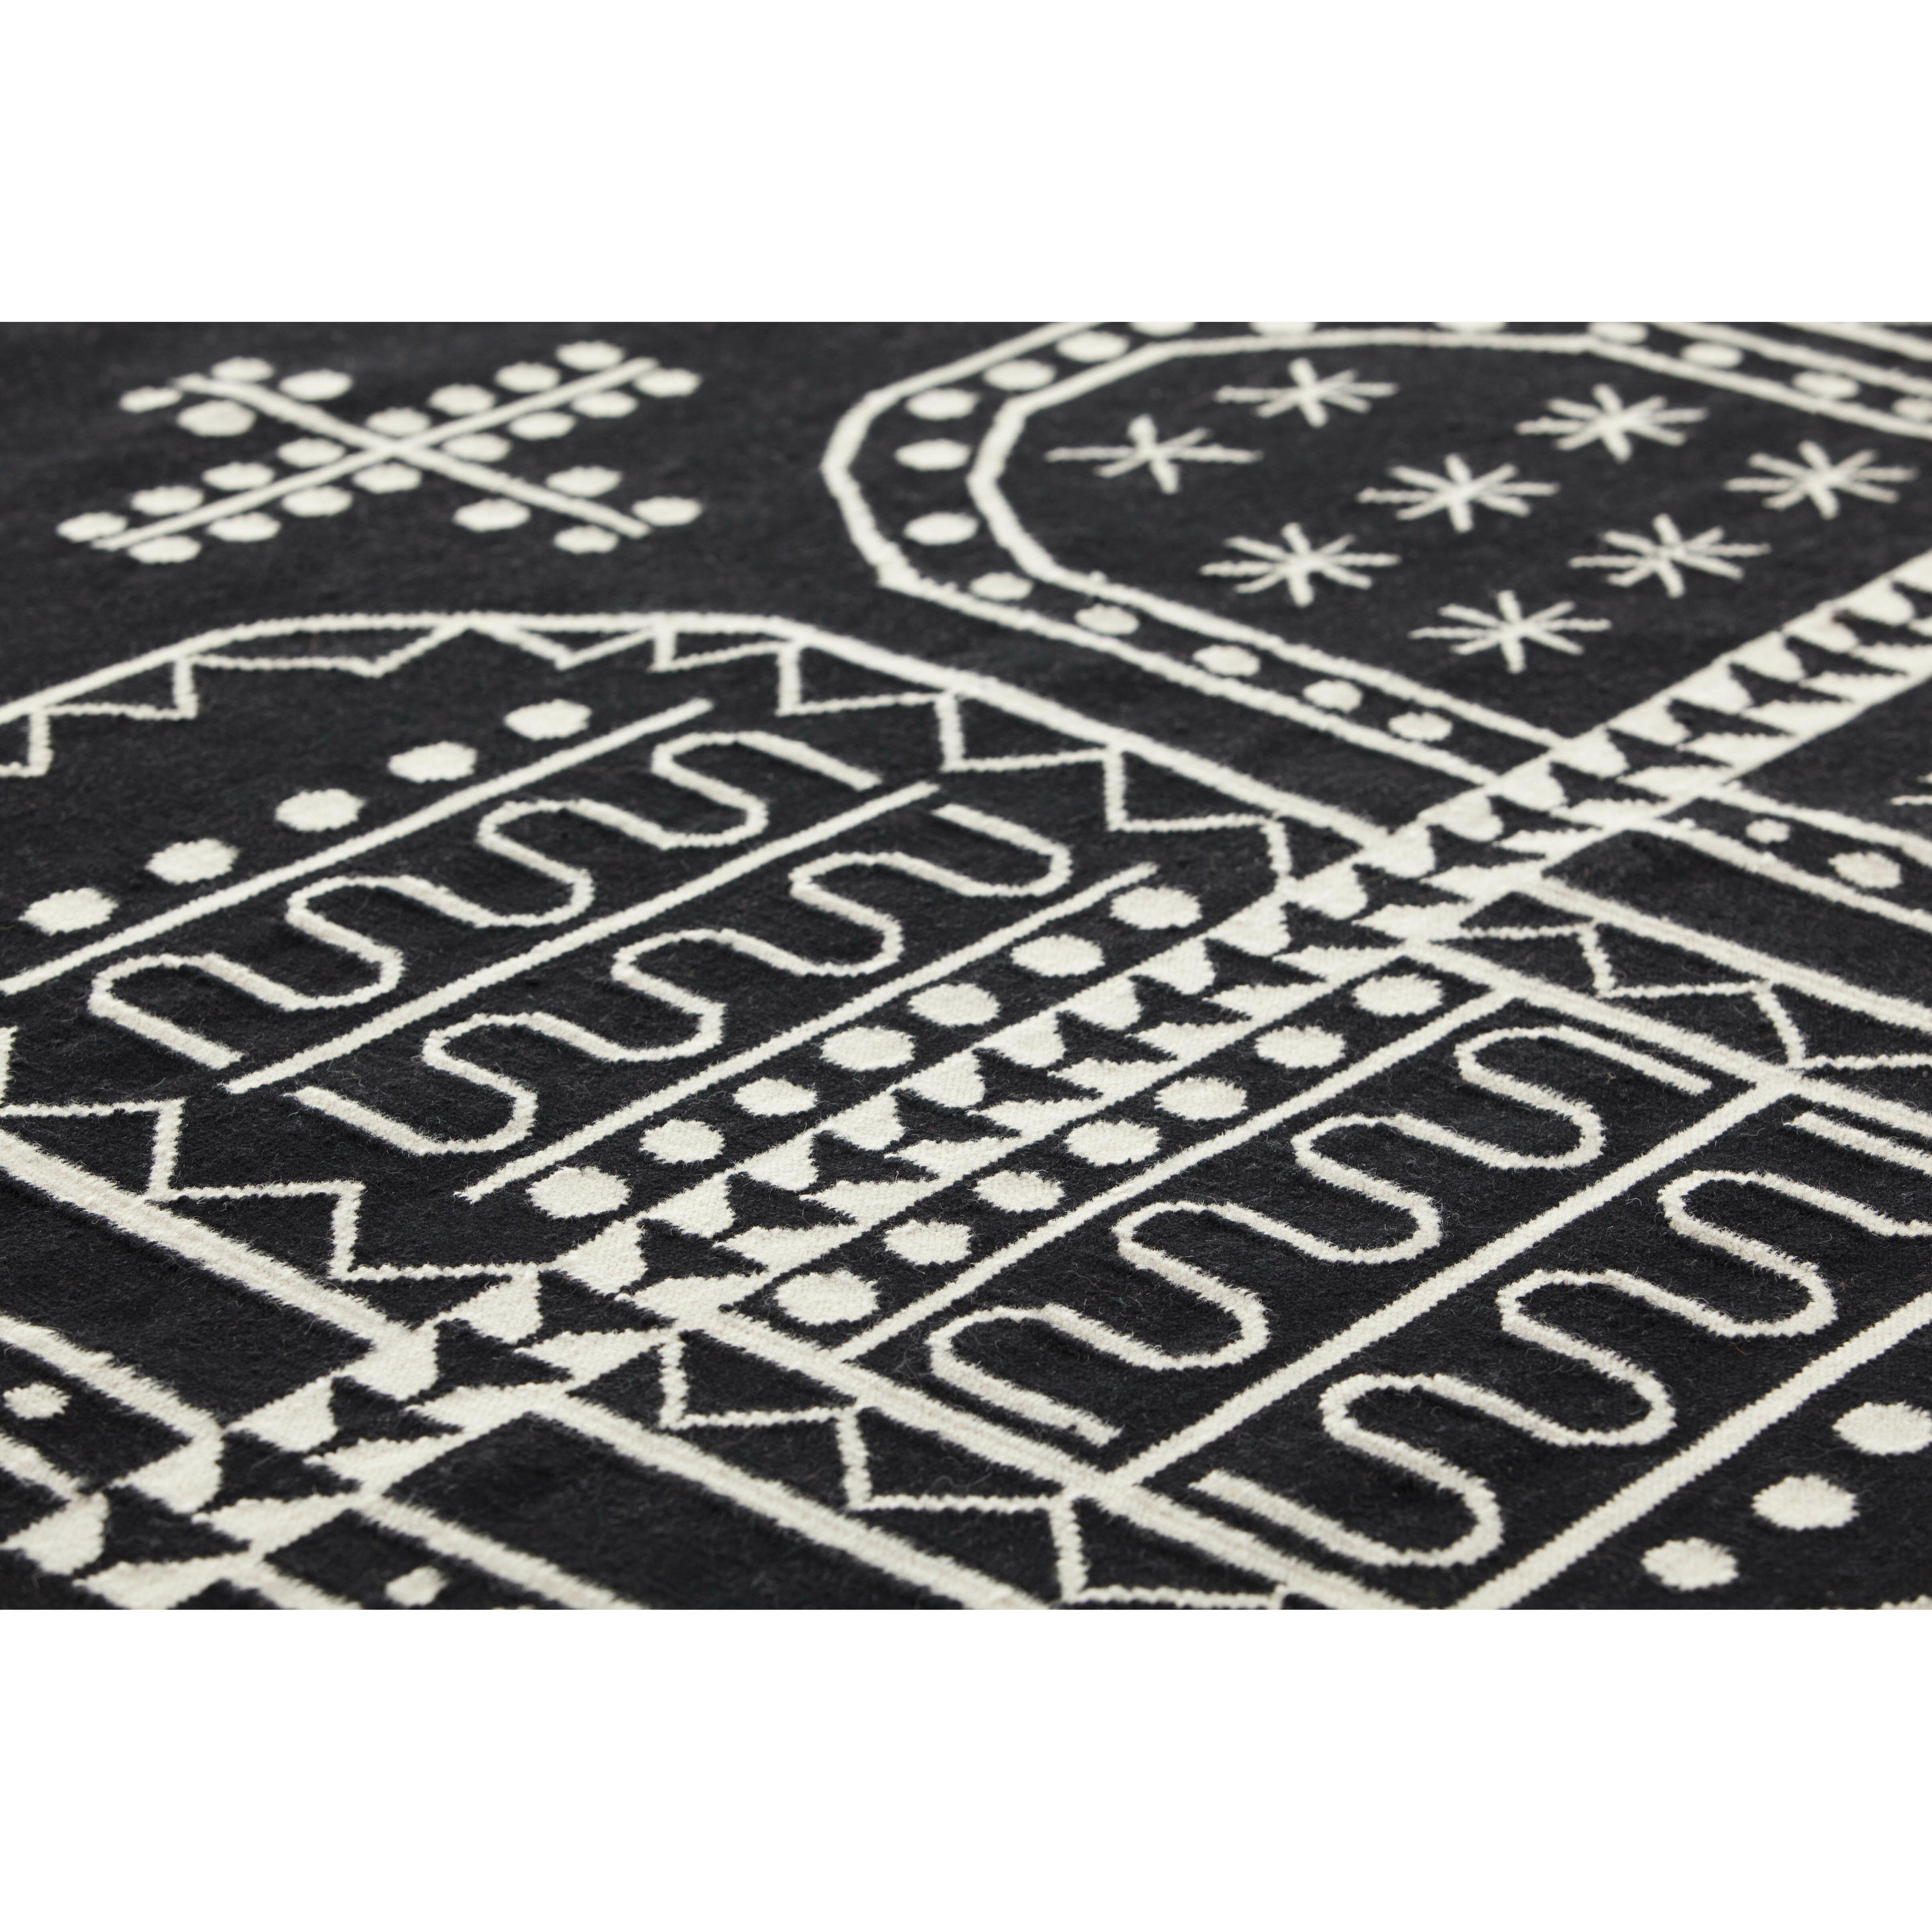 gan rugs kilim tasili area rug. Black Bedroom Furniture Sets. Home Design Ideas